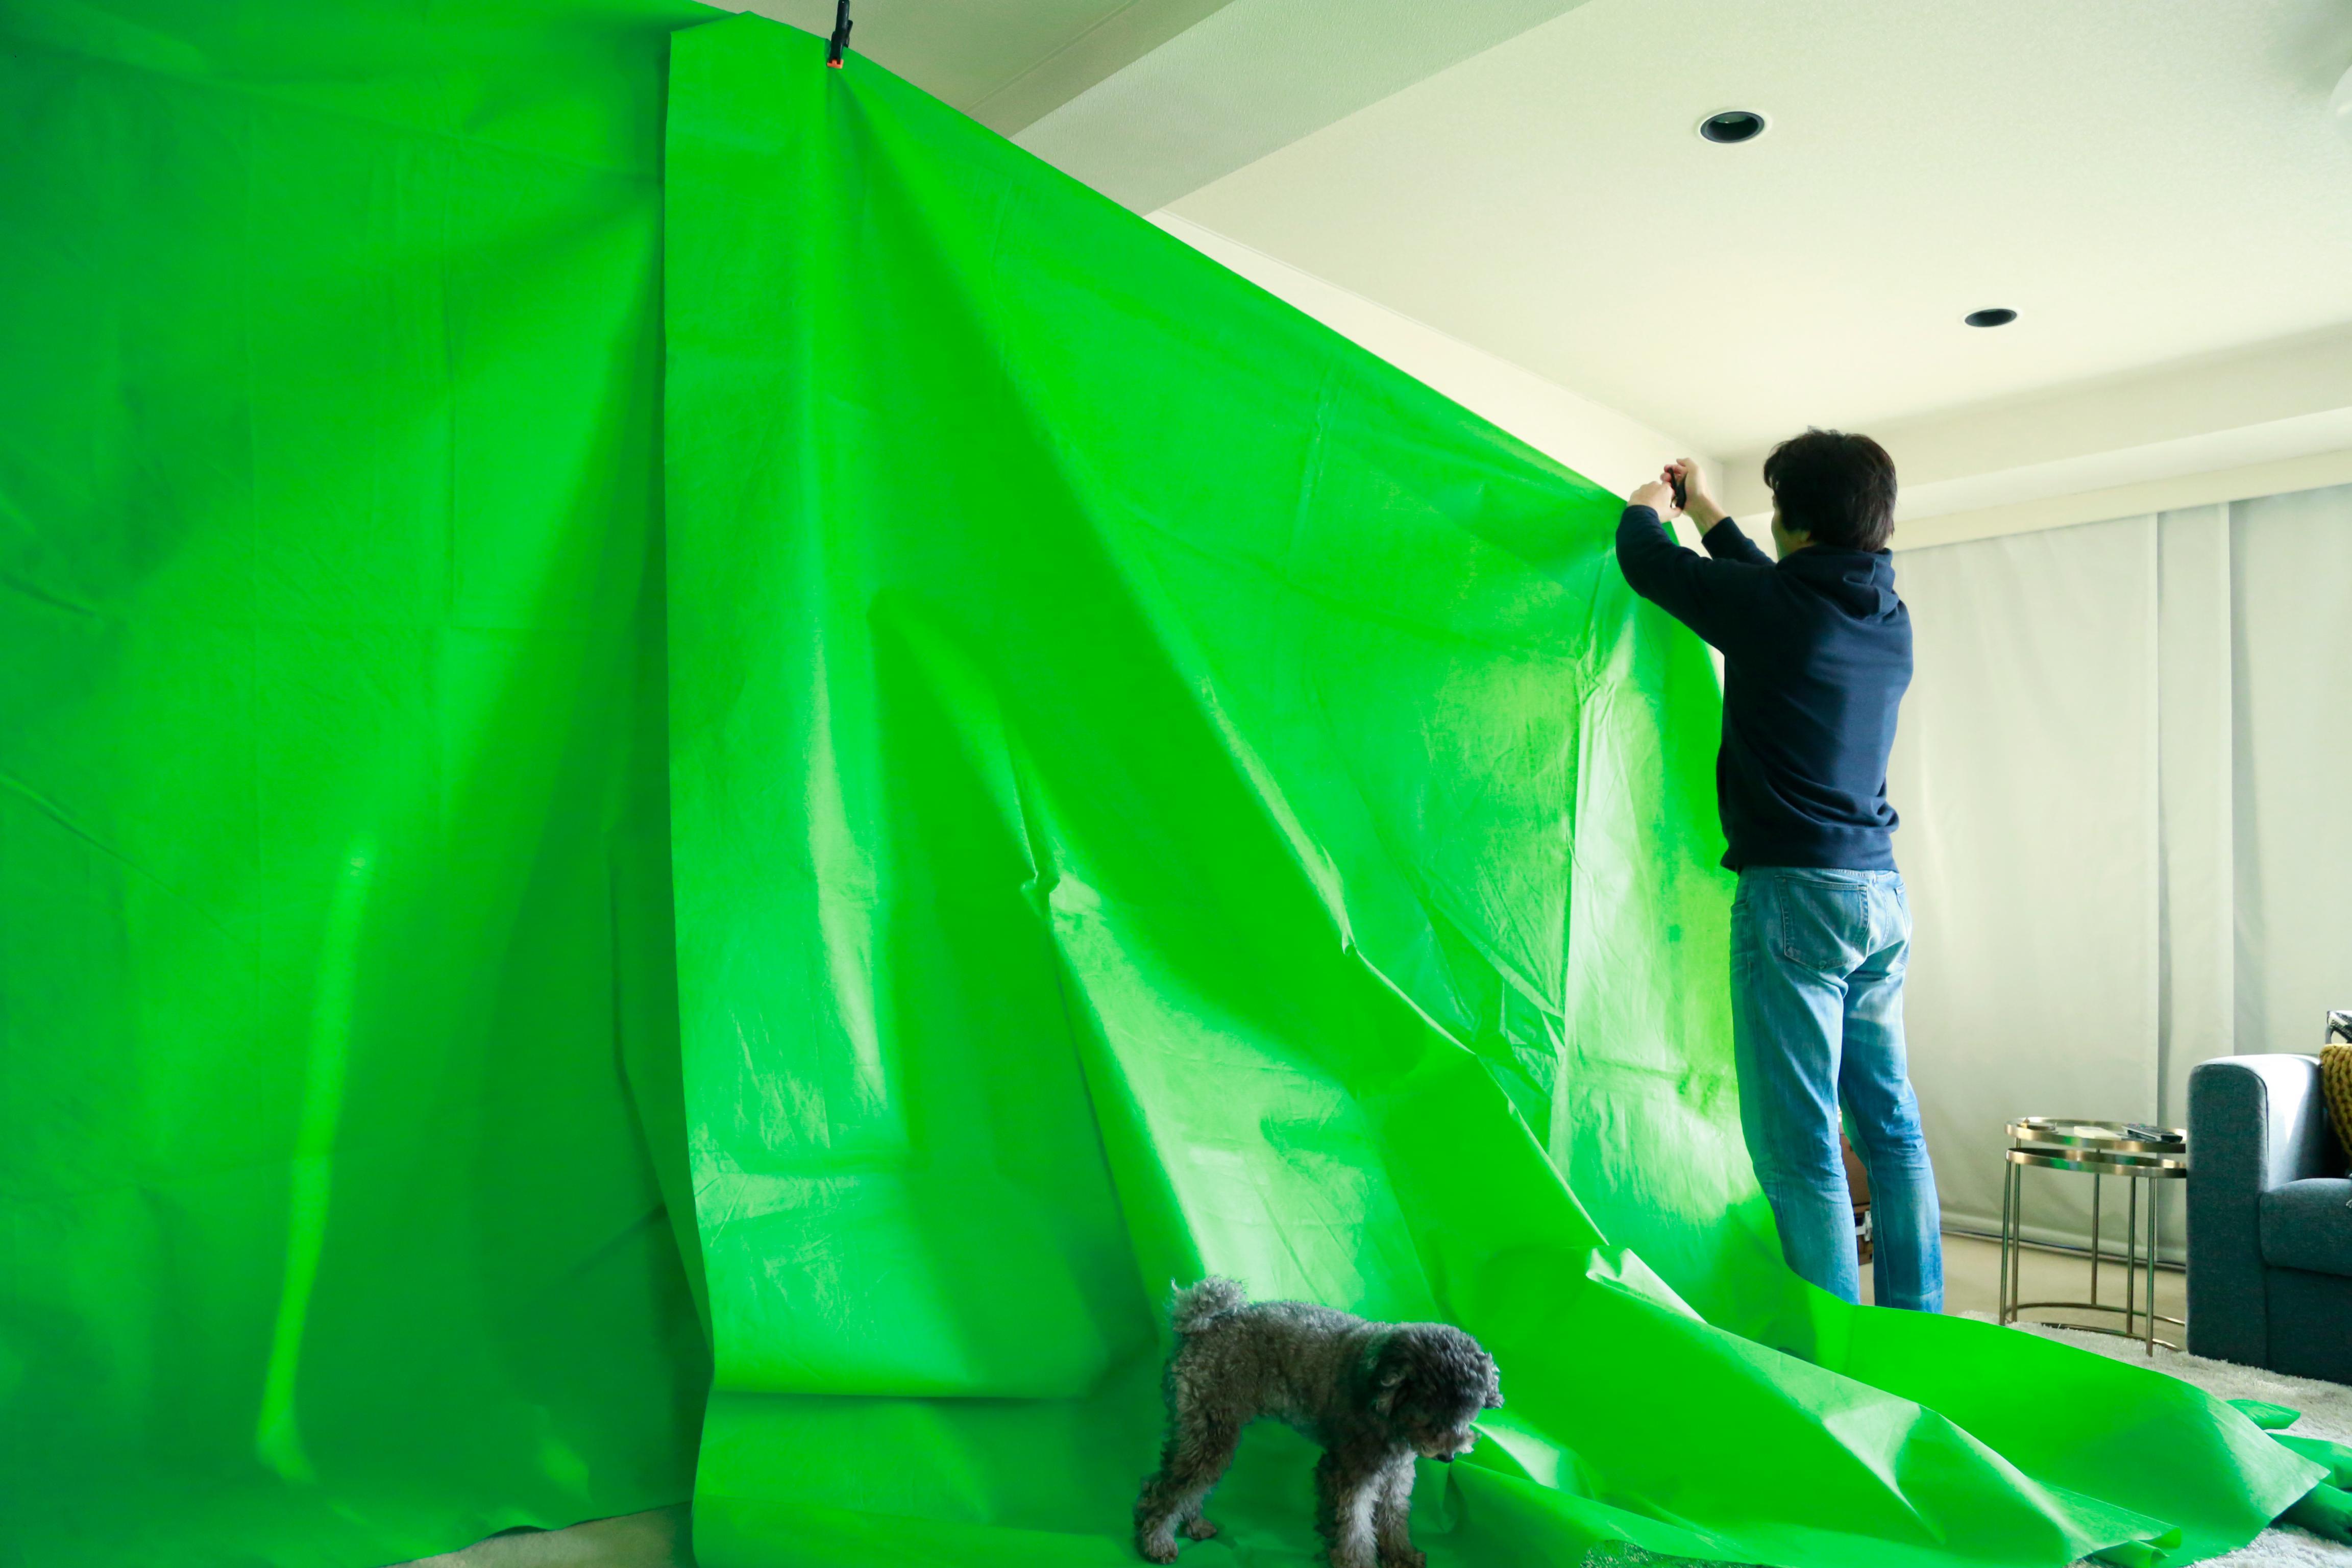 ケイン・コスギが自宅をフル活用して作る本気のゲーム配信環境